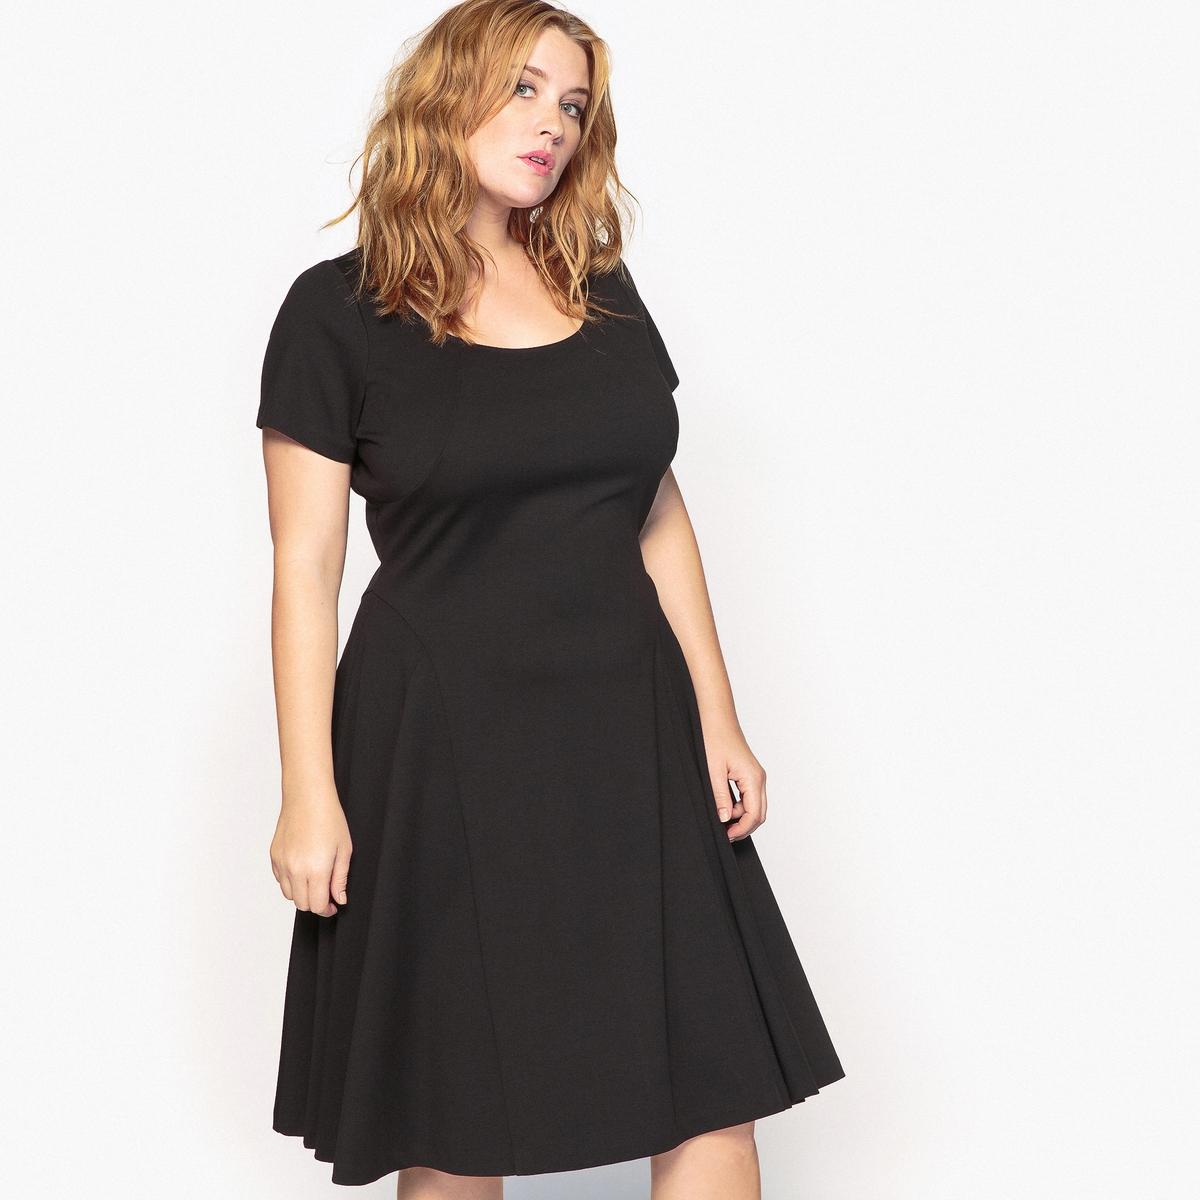 Платье фасона солнце-клешОписание:Очень элегантное расклешенное платье из плотного трикотажа. Это расклешенное платье является неотъемлемым предметом гардероба, подбирайте аксессуары к нему в соответствии с вашим персональным стилем.Детали •  Форма : расклешенная •  Длина до колен •  Короткие рукава    •  Круглый вырезСостав и уход •  20% вискозы, 5% эластана, 75% полиэстера   •  Температура стирки при 30° на деликатном режиме   •  Сухая чистка и отбеливание запрещены •  Не использовать барабанную сушку   •  Низкая температура глажки   ВАЖНО: Товар без манжетТовар из коллекции больших размеров •  Длина : 101,8 см<br><br>Цвет: гранатовый,черный<br>Размер: 50 (FR) - 56 (RUS).42 (FR) - 48 (RUS).54 (FR) - 60 (RUS).50 (FR) - 56 (RUS).52 (FR) - 58 (RUS)